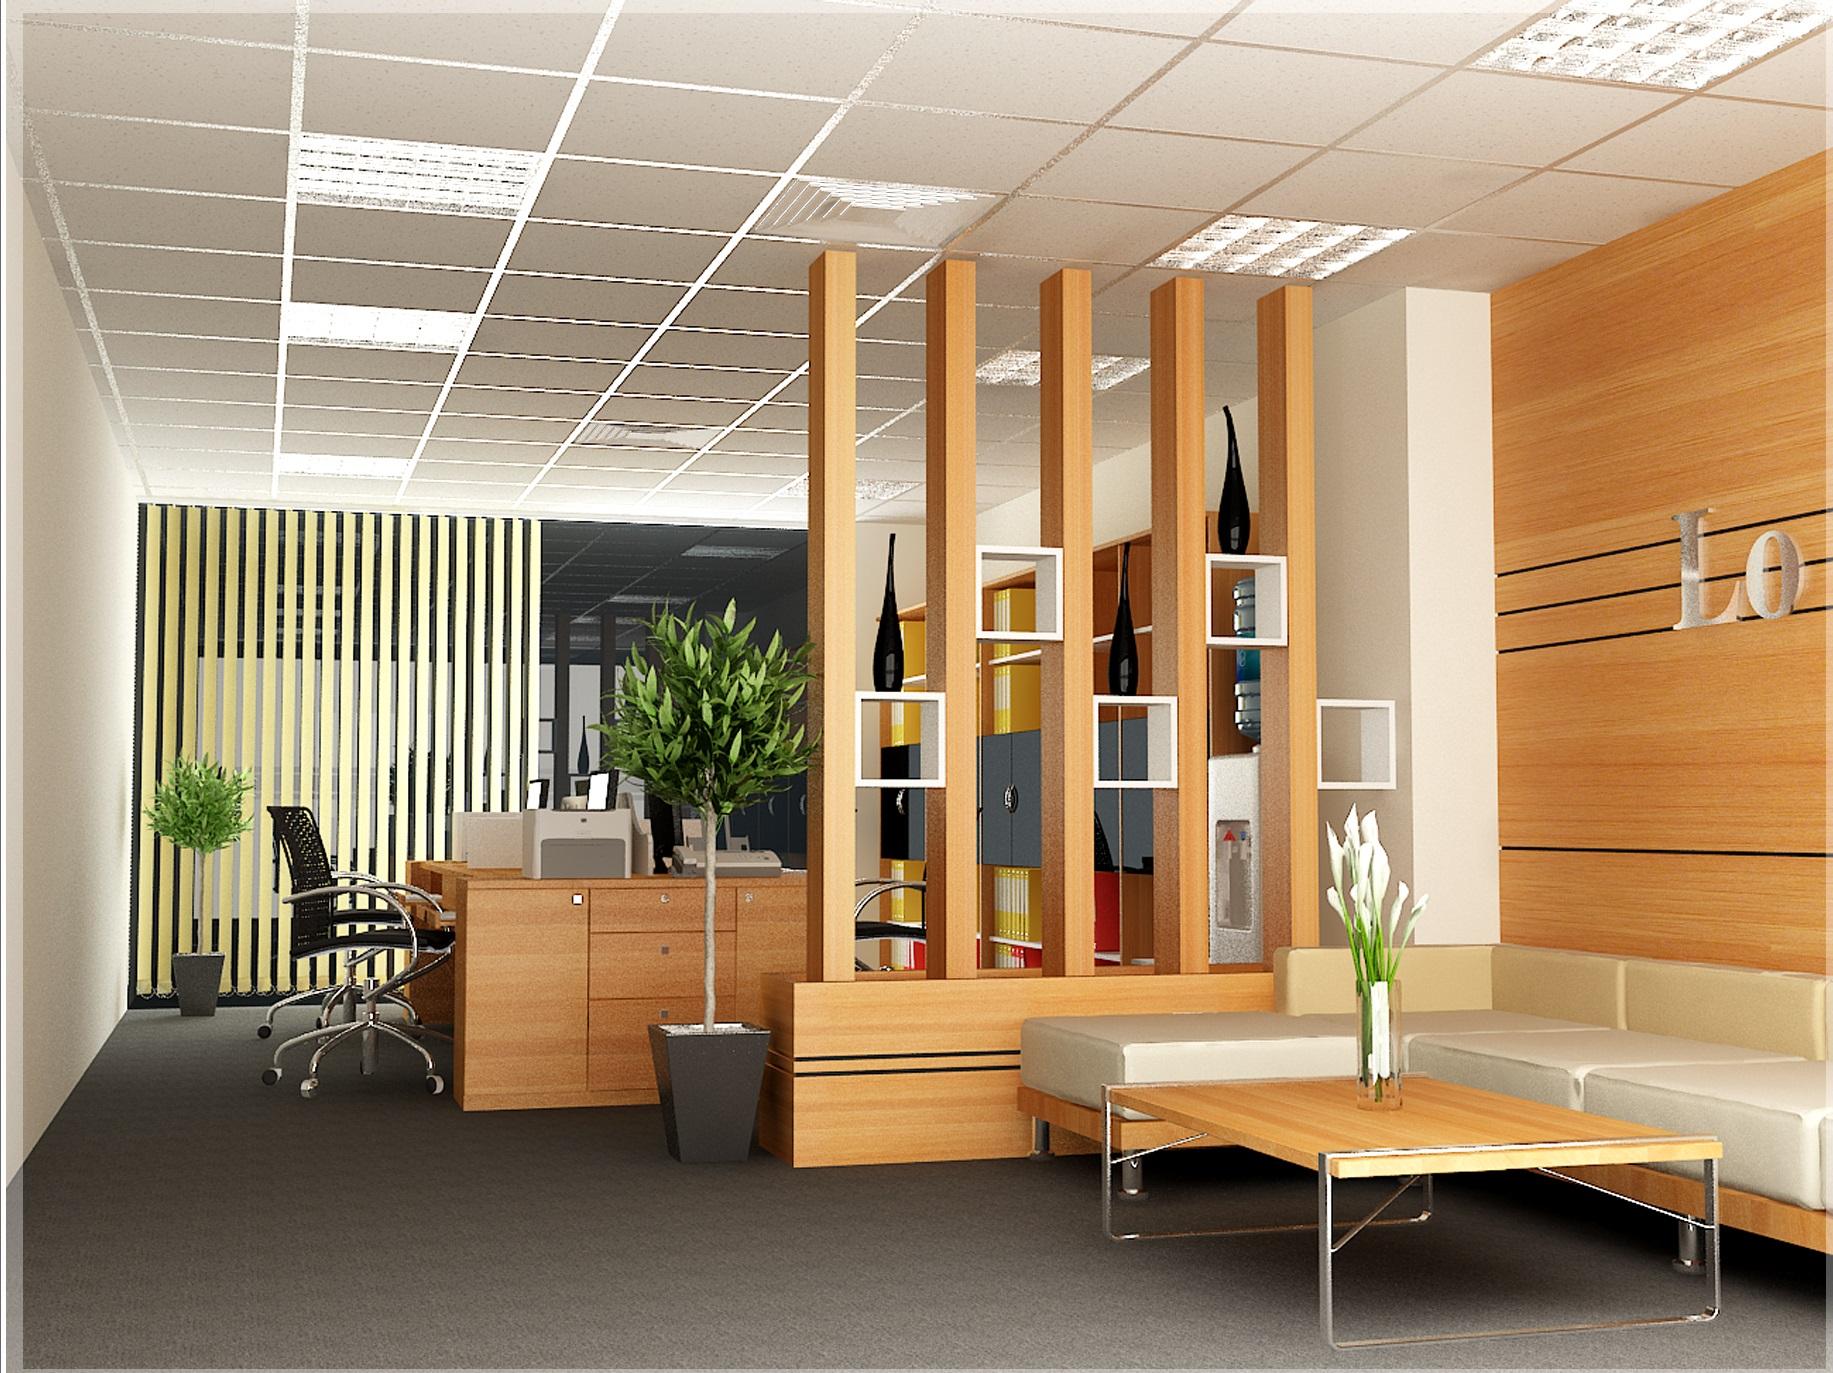 thiet ke noi that van phong1 - Công ty thiết kế nội thất văn phòng uy tín tại TP HCM